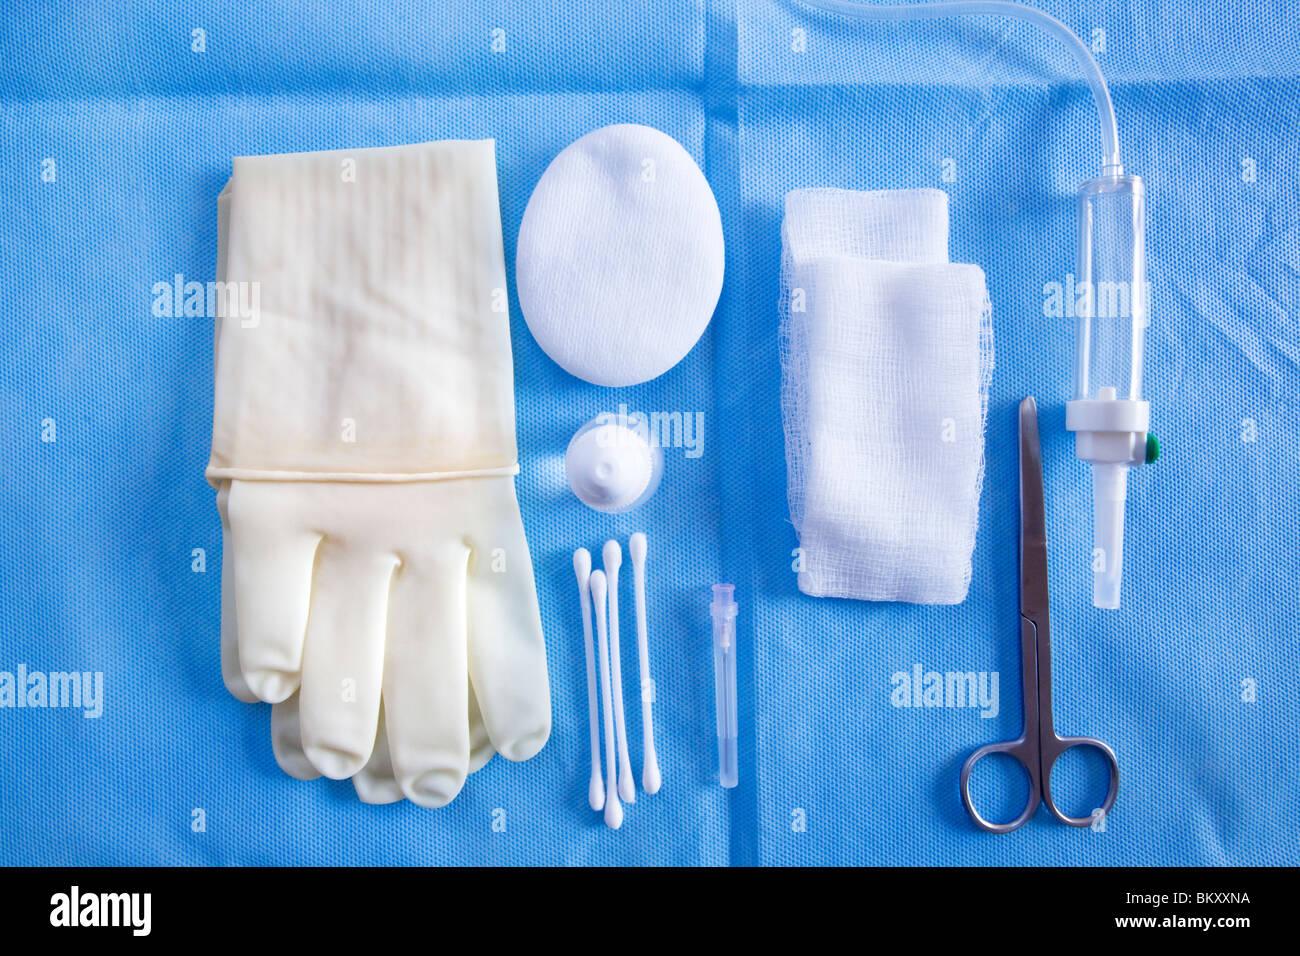 Medizinischen Geräten eine Katarakt-operation Stockbild